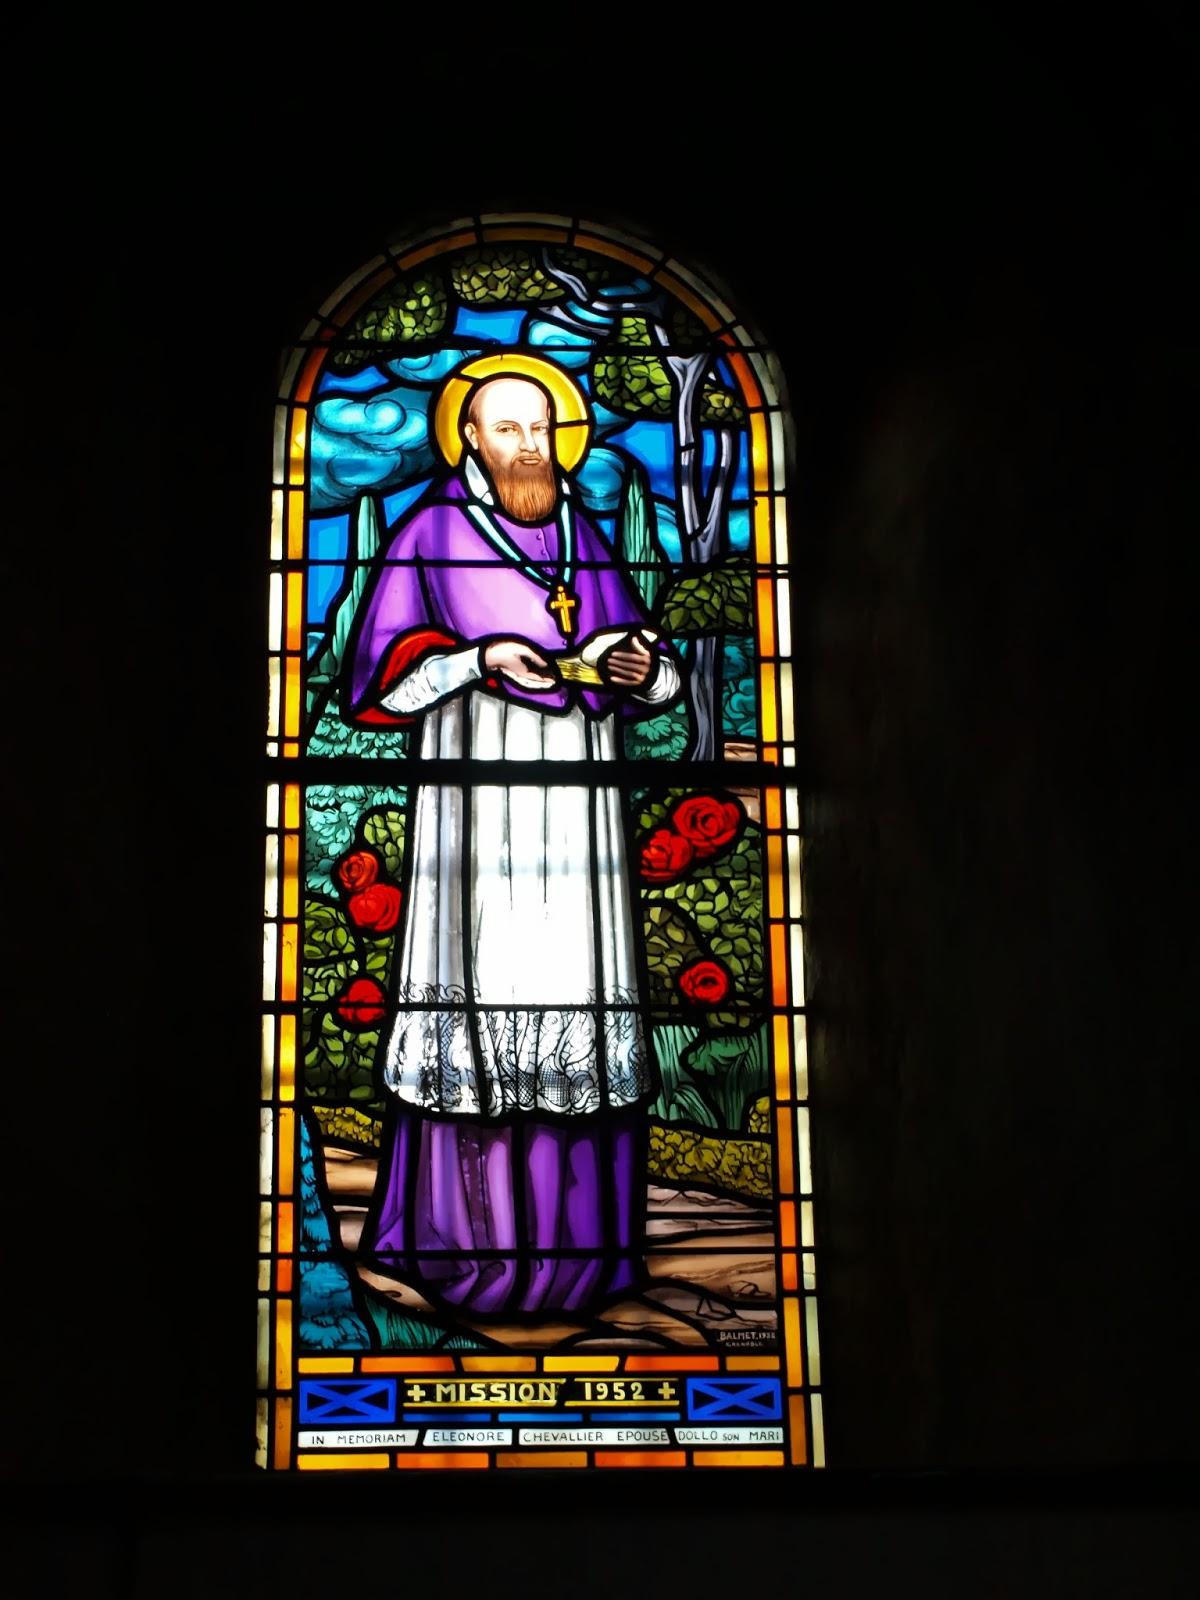 http://www.medias-catholiques.fr/exergues-home/journees-francois-de-sales-les-23-et-24-janvier-a-annecy/actualites/pour-vous-inscrire-aux-journees-dannecy-2014